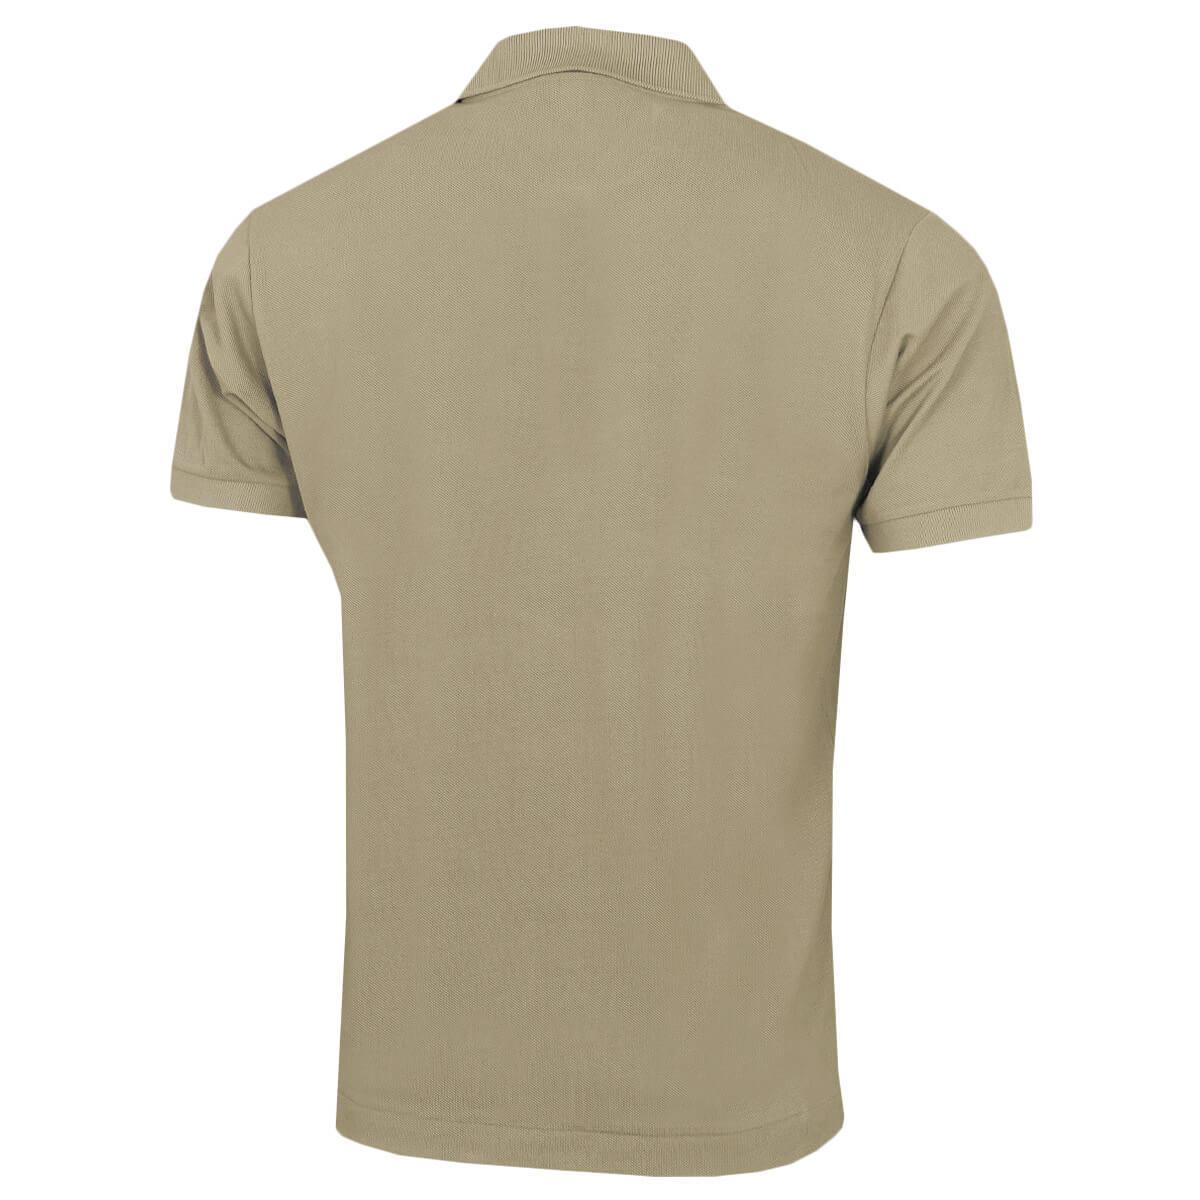 LACOSTE HOMME 2020 Coton Classique L1212 Côtelé Manches Courtes Polo Shirt